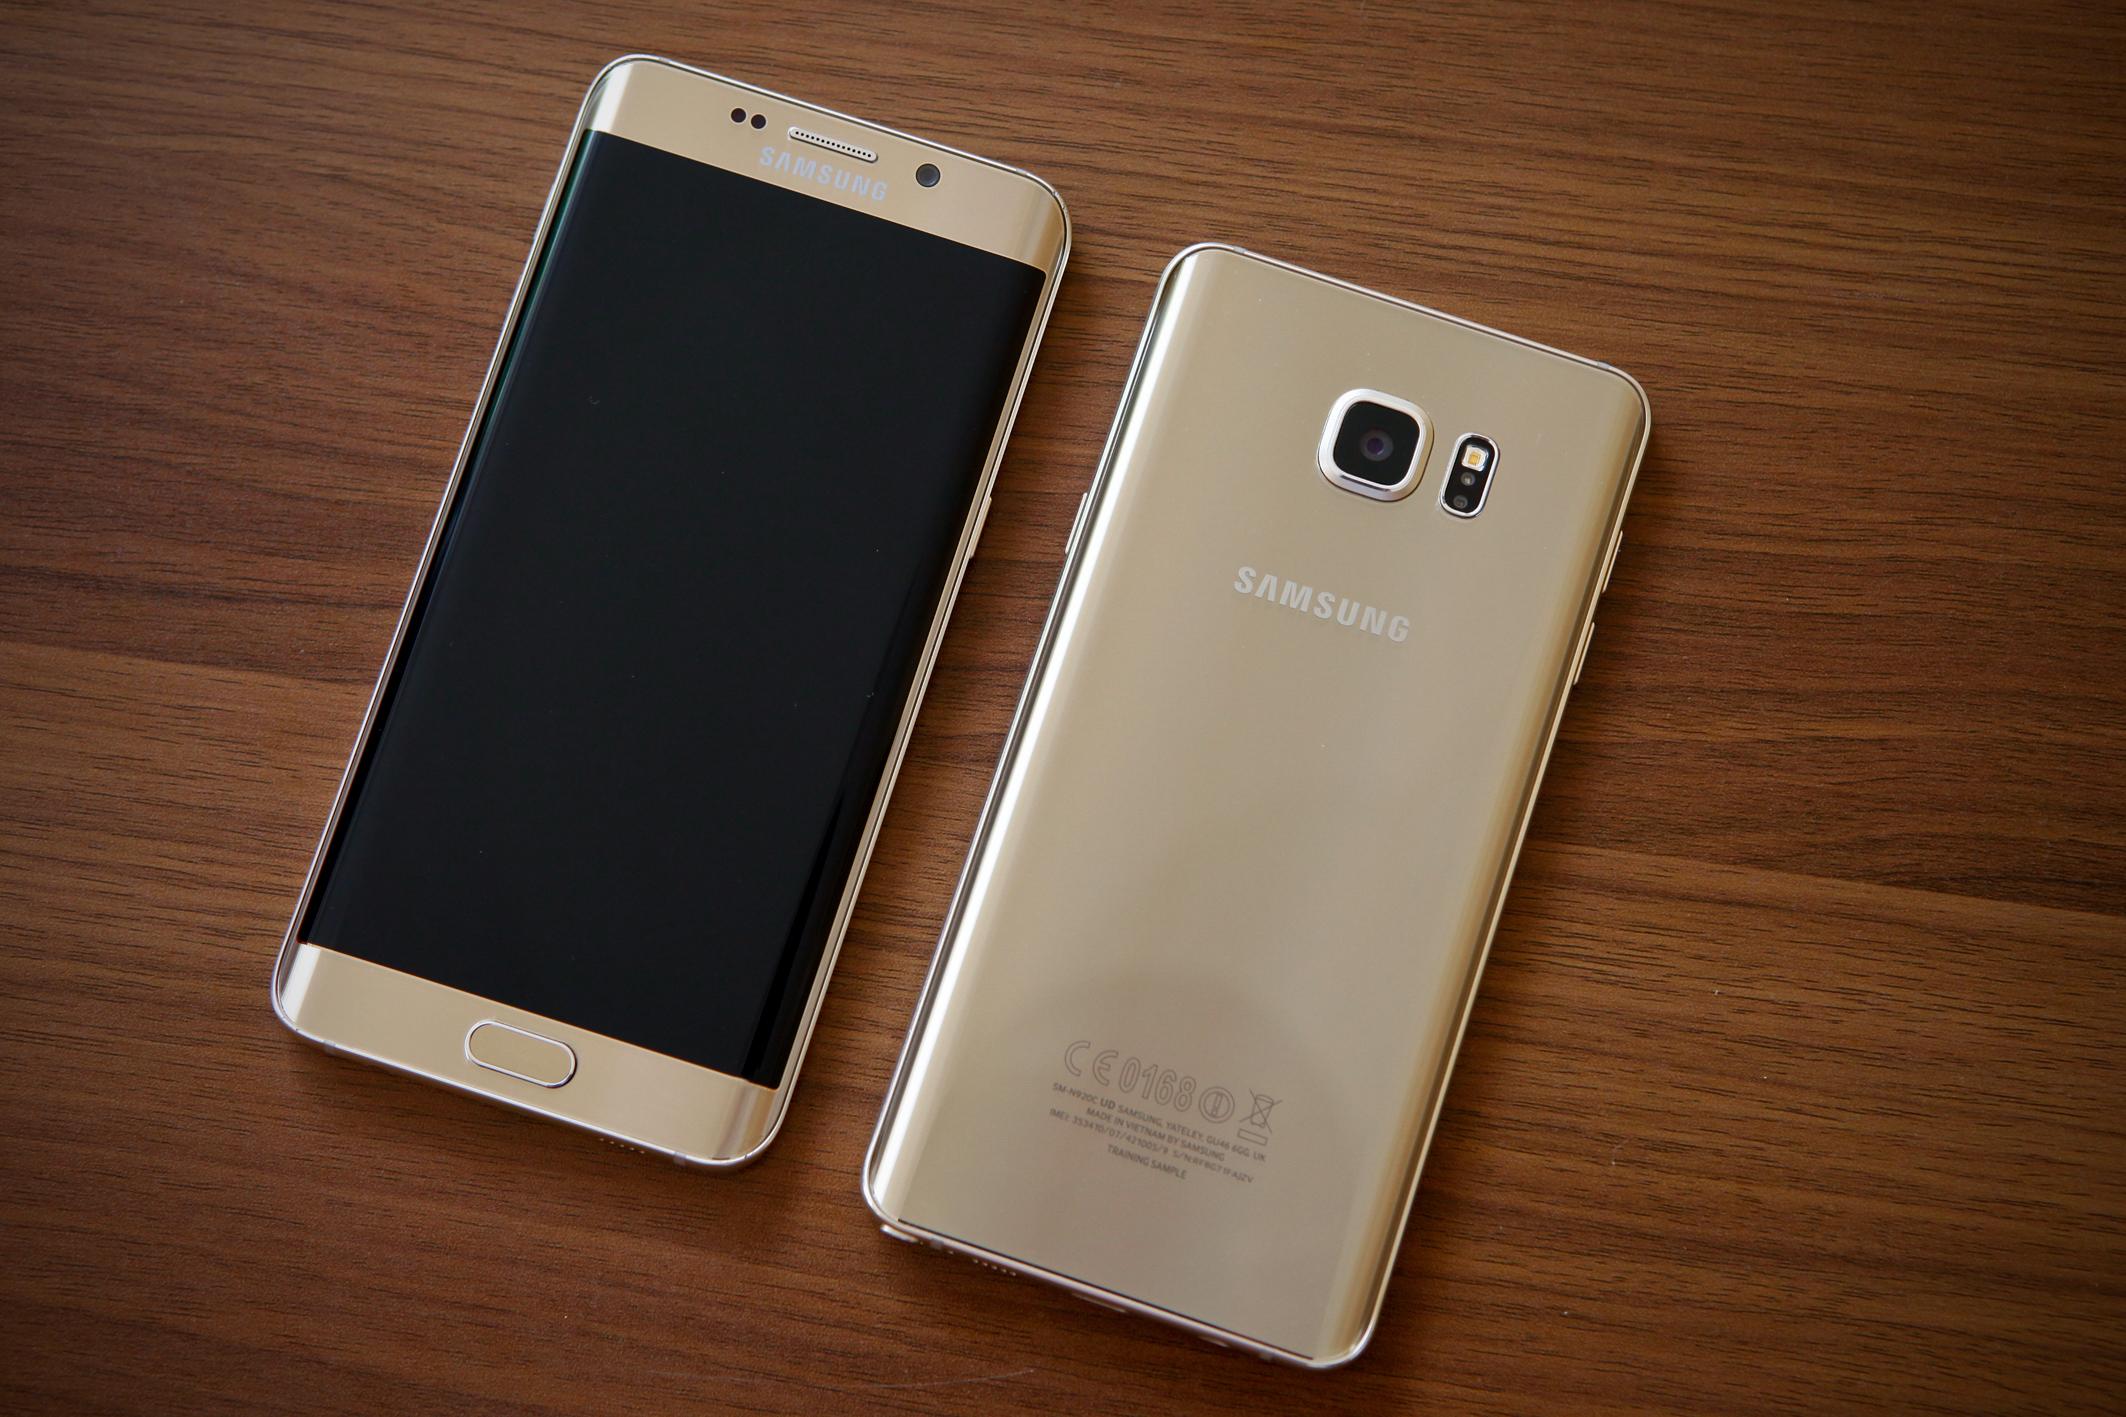 Diện mạo Galaxy S6 Edge Plus và Note 5 khác nhau như thế nào